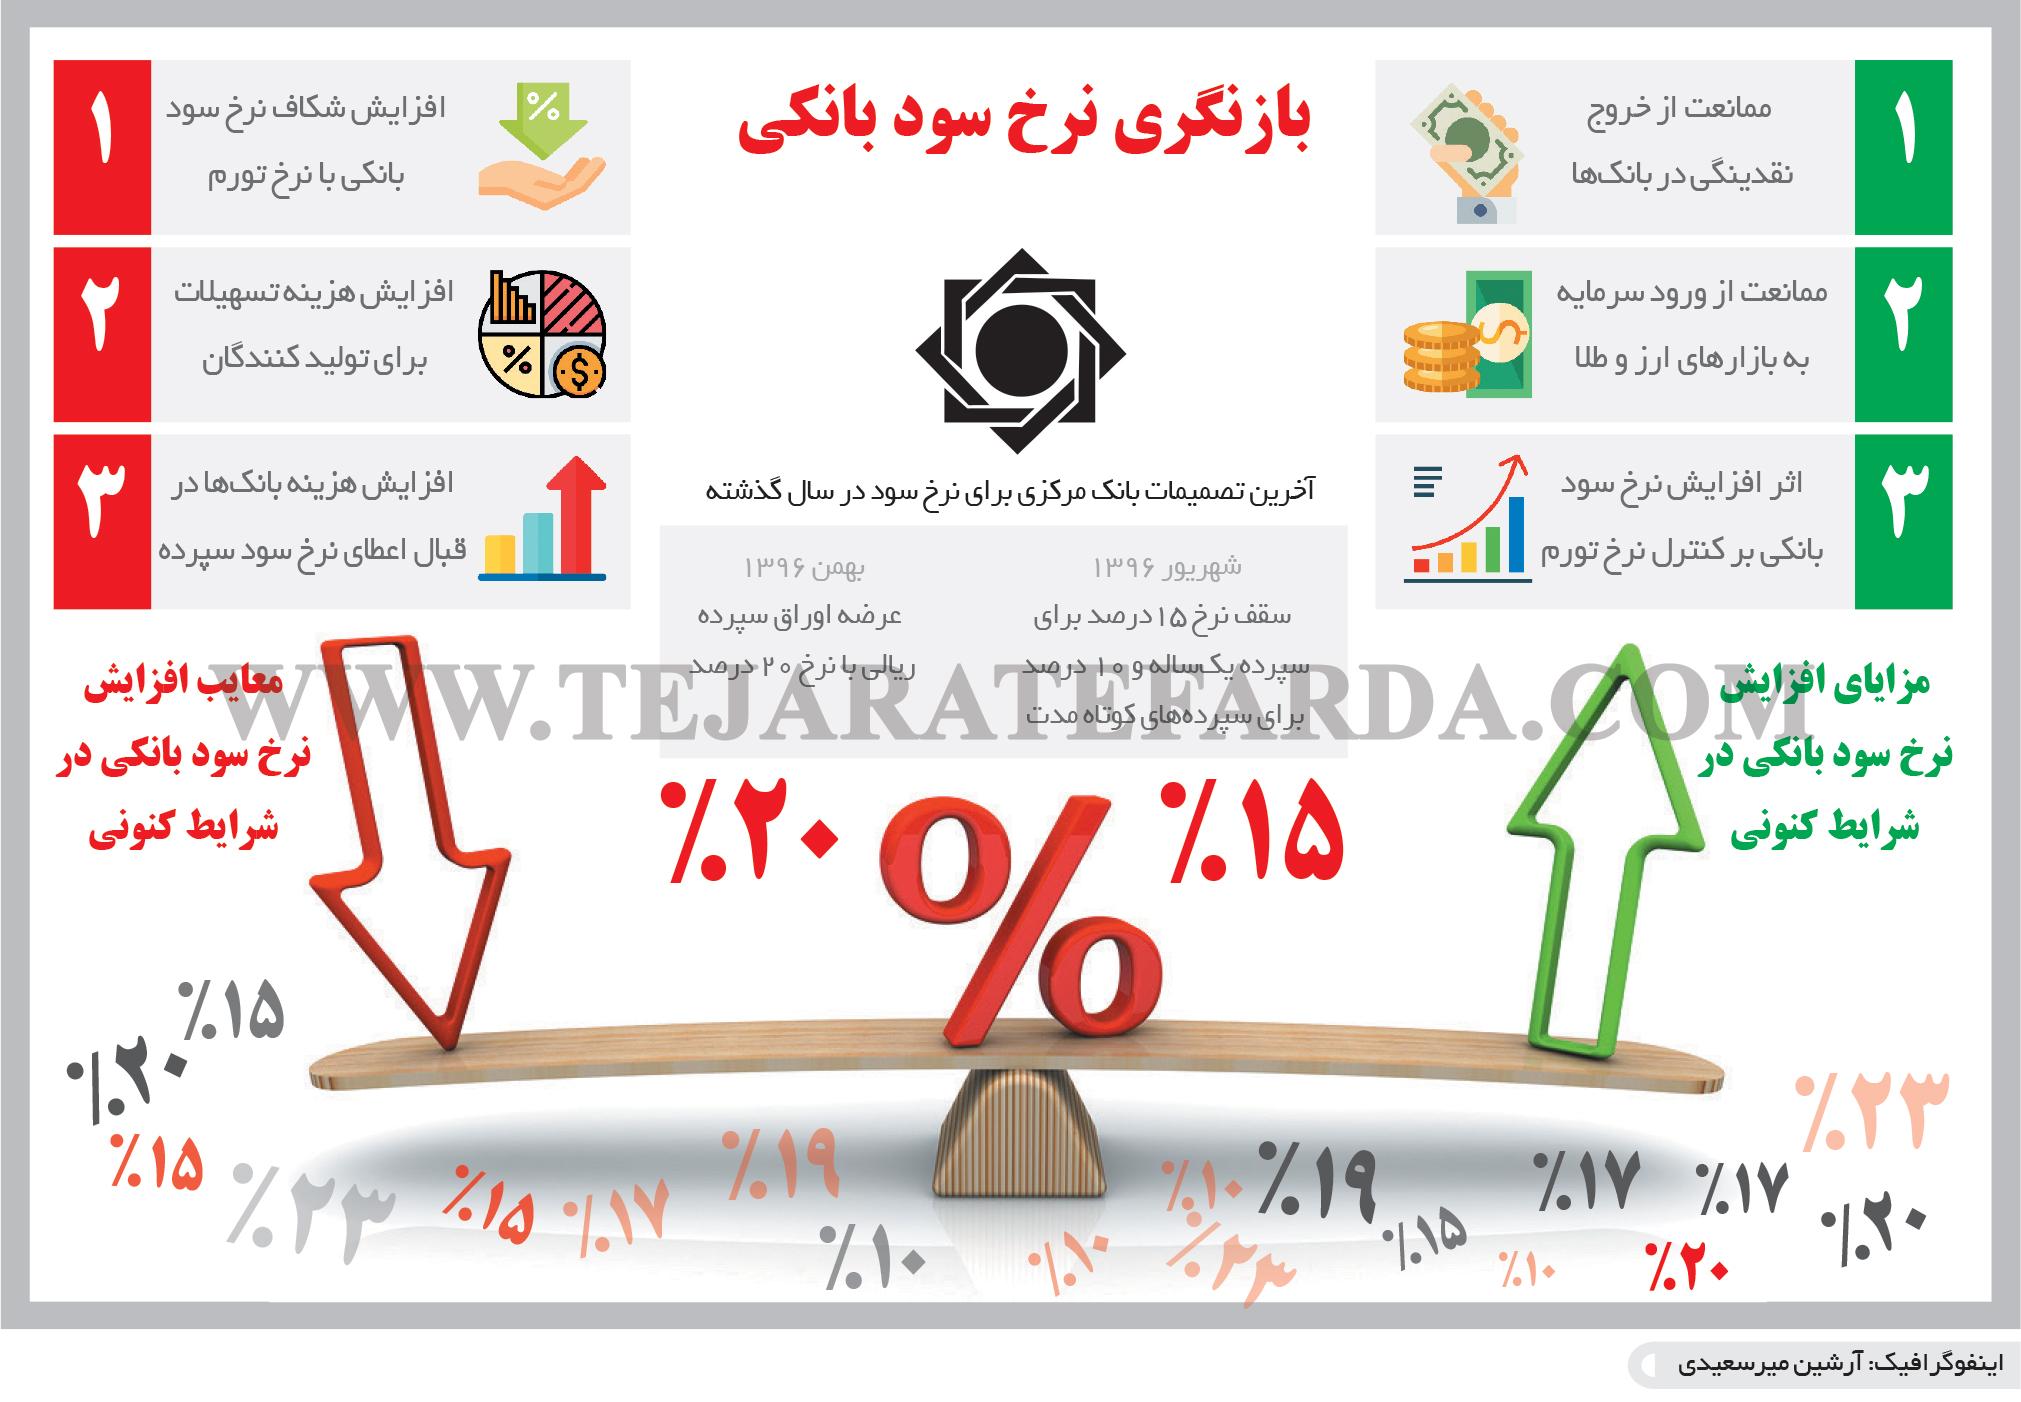 تجارت- فردا- بازنگری نرخ سود بانکی(اینفوگرافیک)